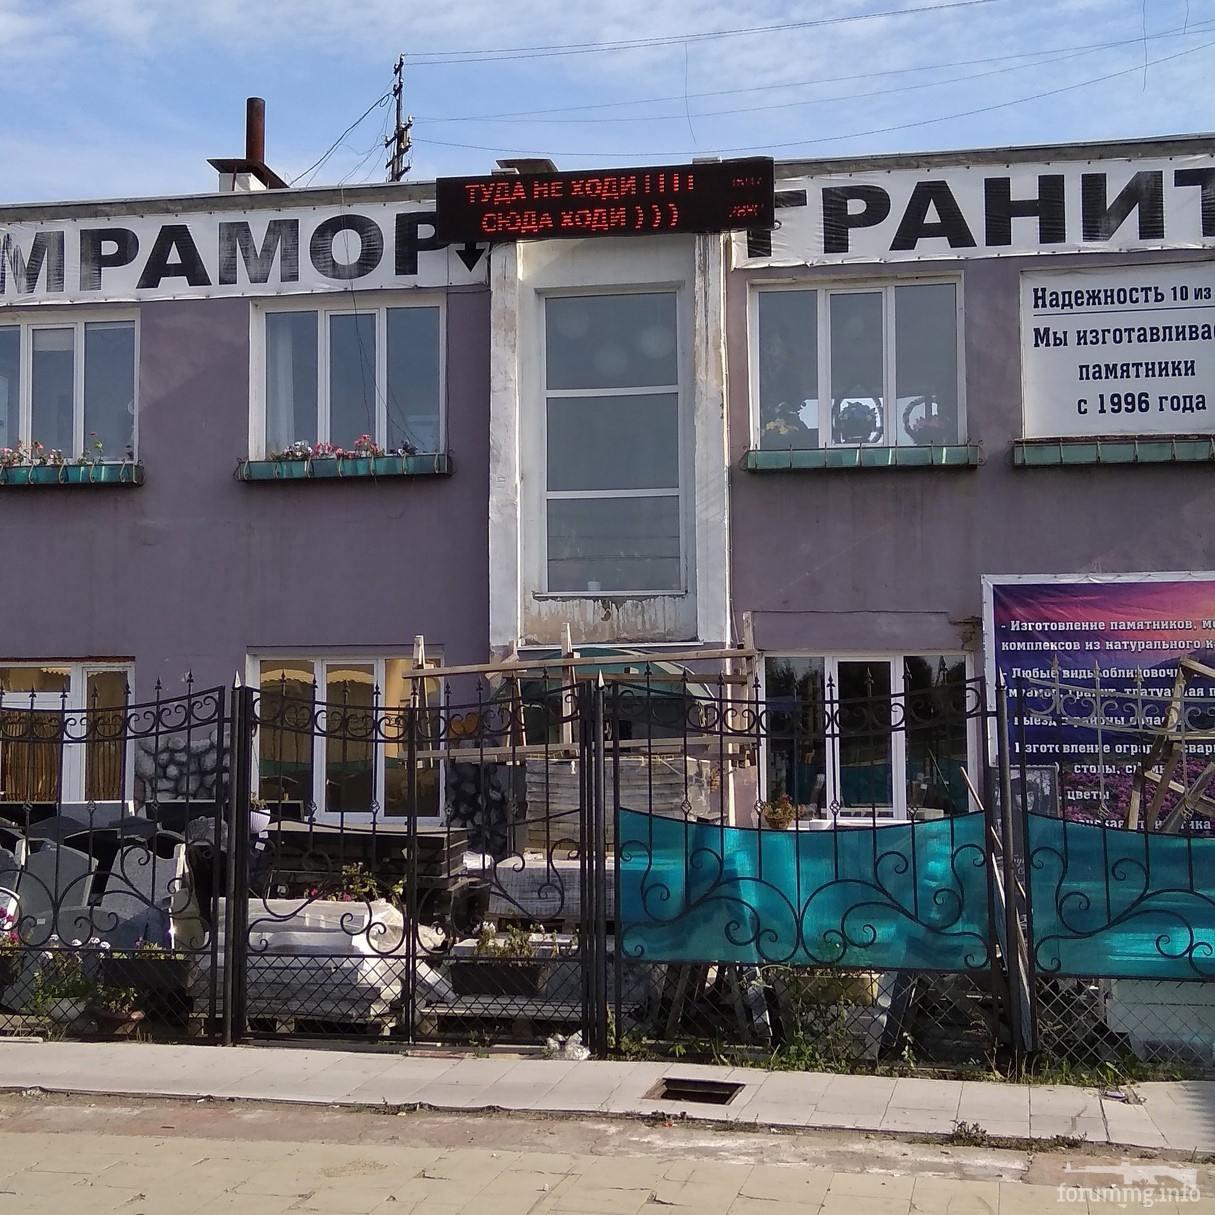 133831 - А в России чудеса!